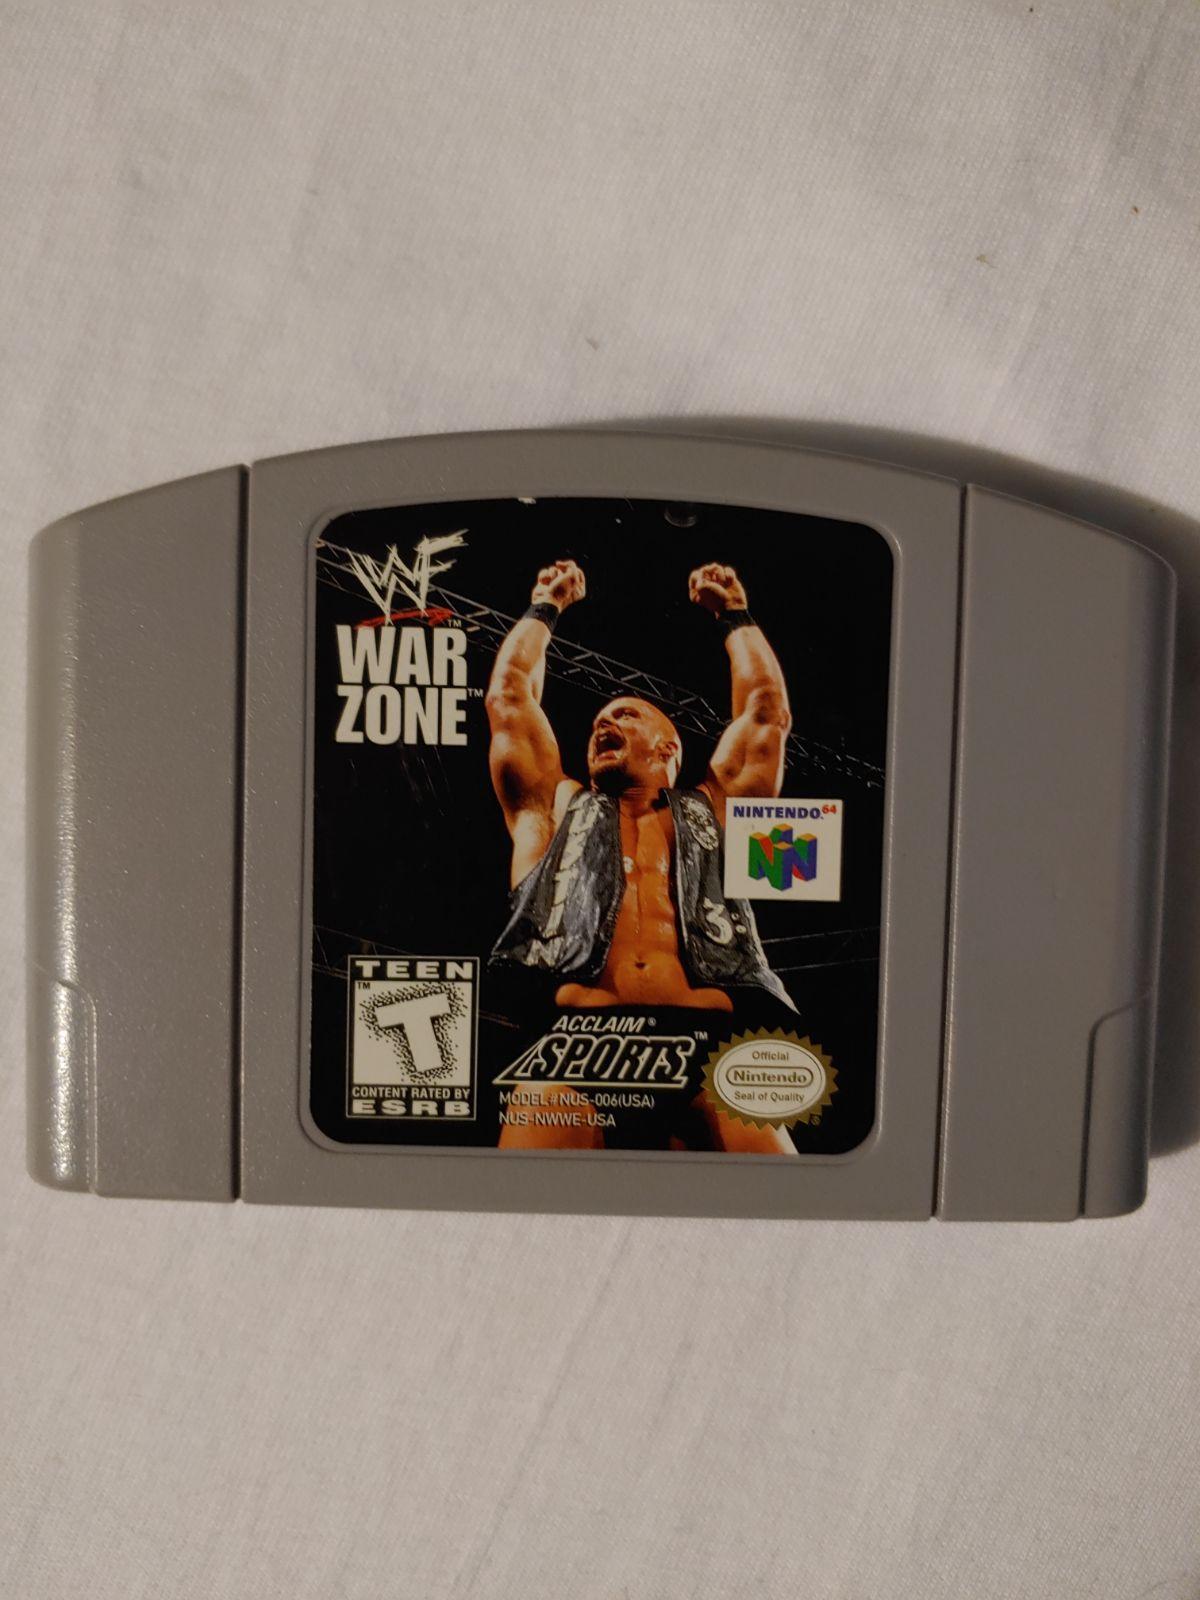 N64 Wwf War Zone Game Video Games Nintendo Wwf War